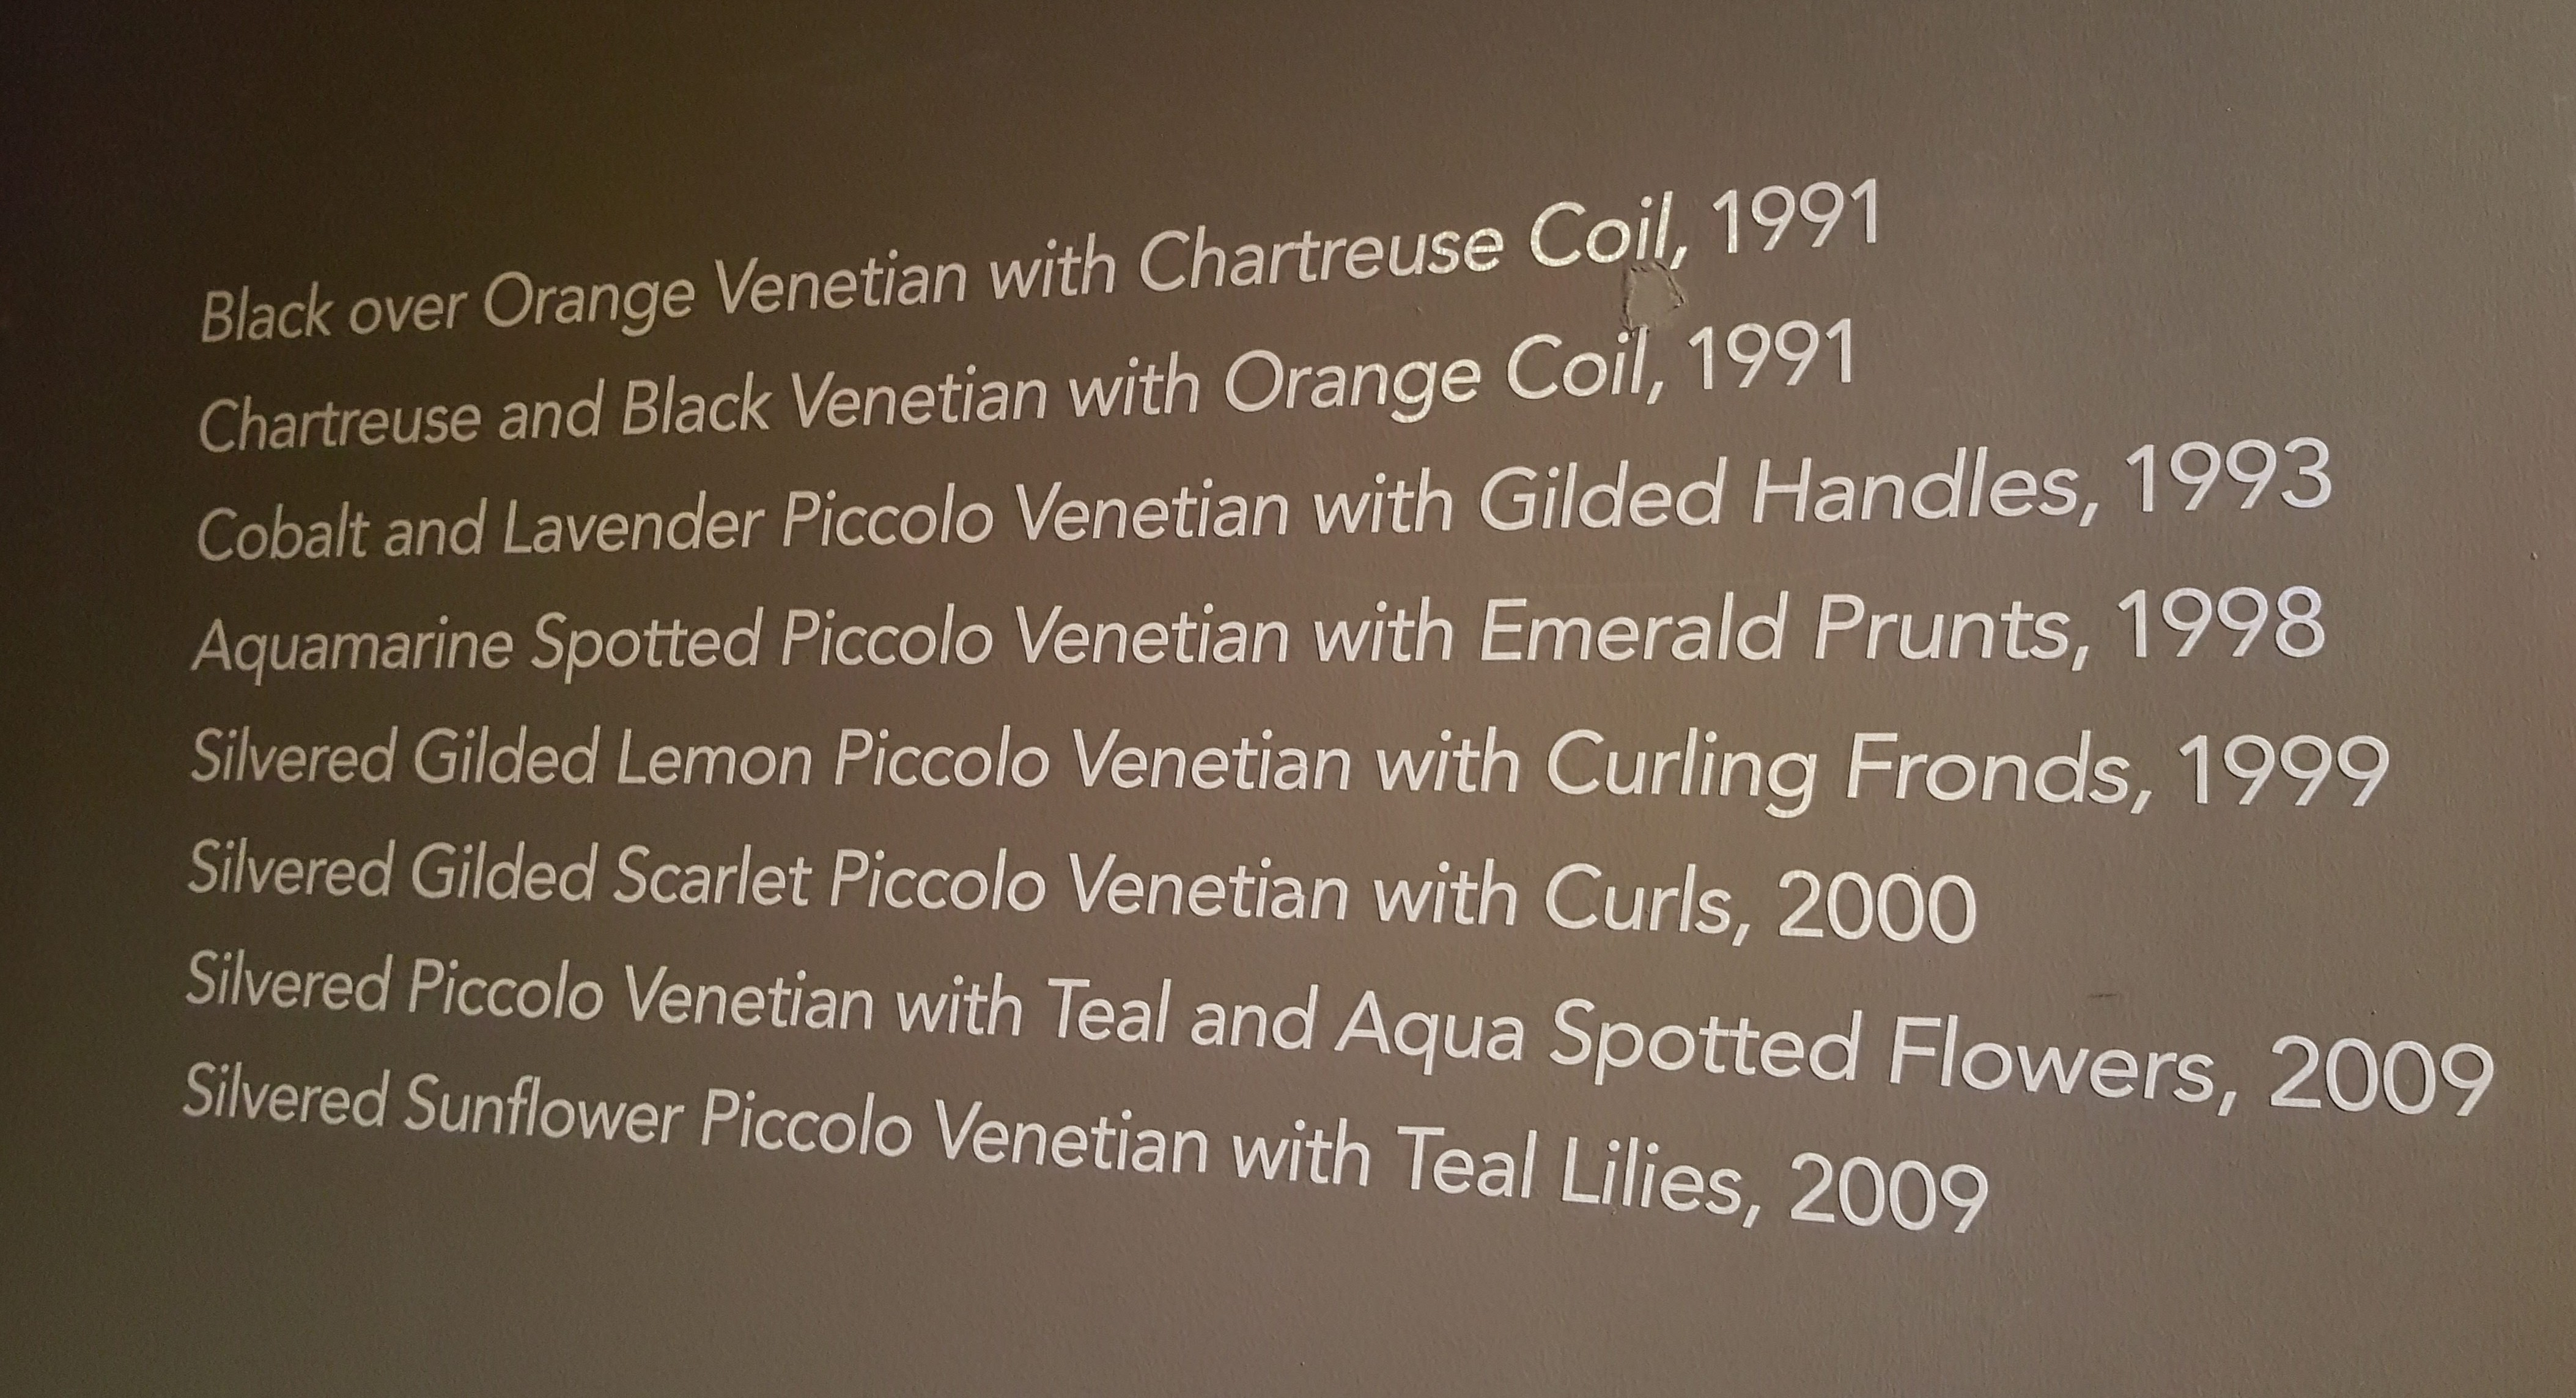 Venetians description